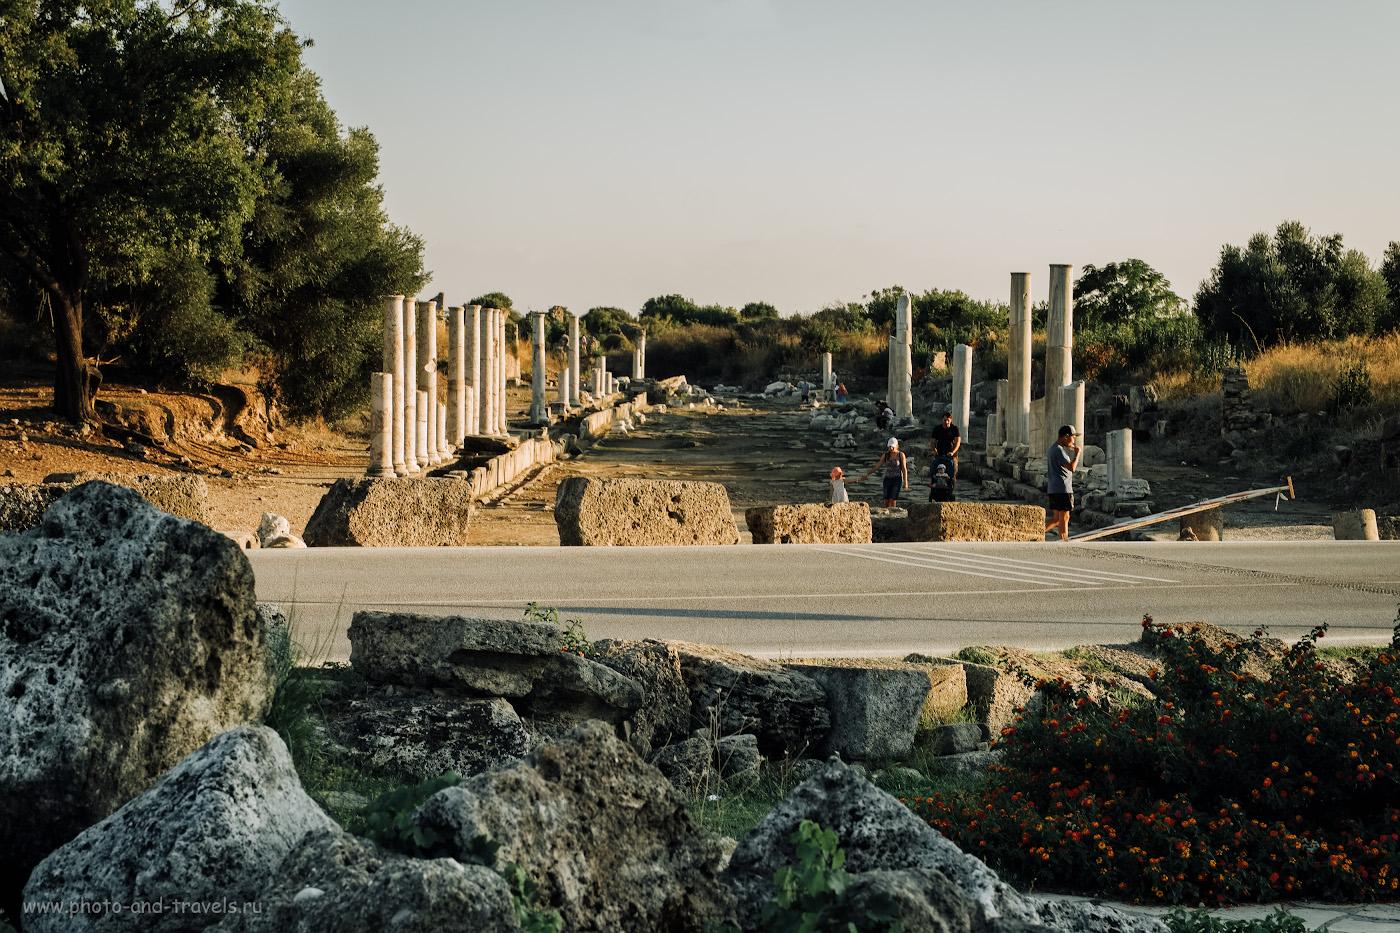 Фото 7. Вид на Западную улицу с колоннами в Сиде. 1/120, 8.0, 200, +0.33, 55.